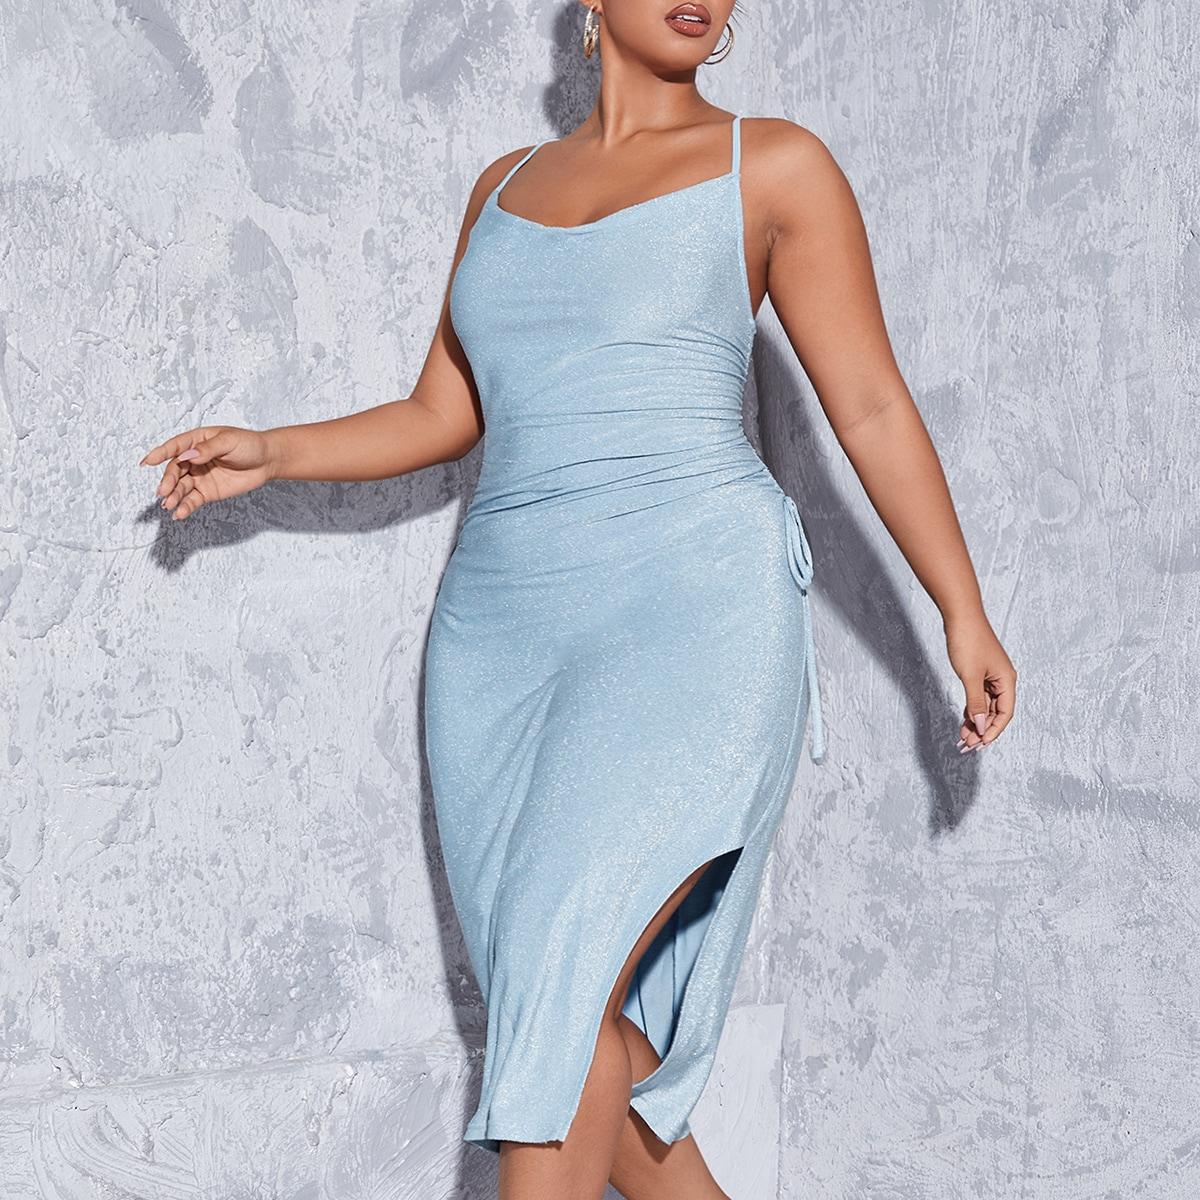 размера плюс Блестящее платье с открытой спиной высоким разрезом